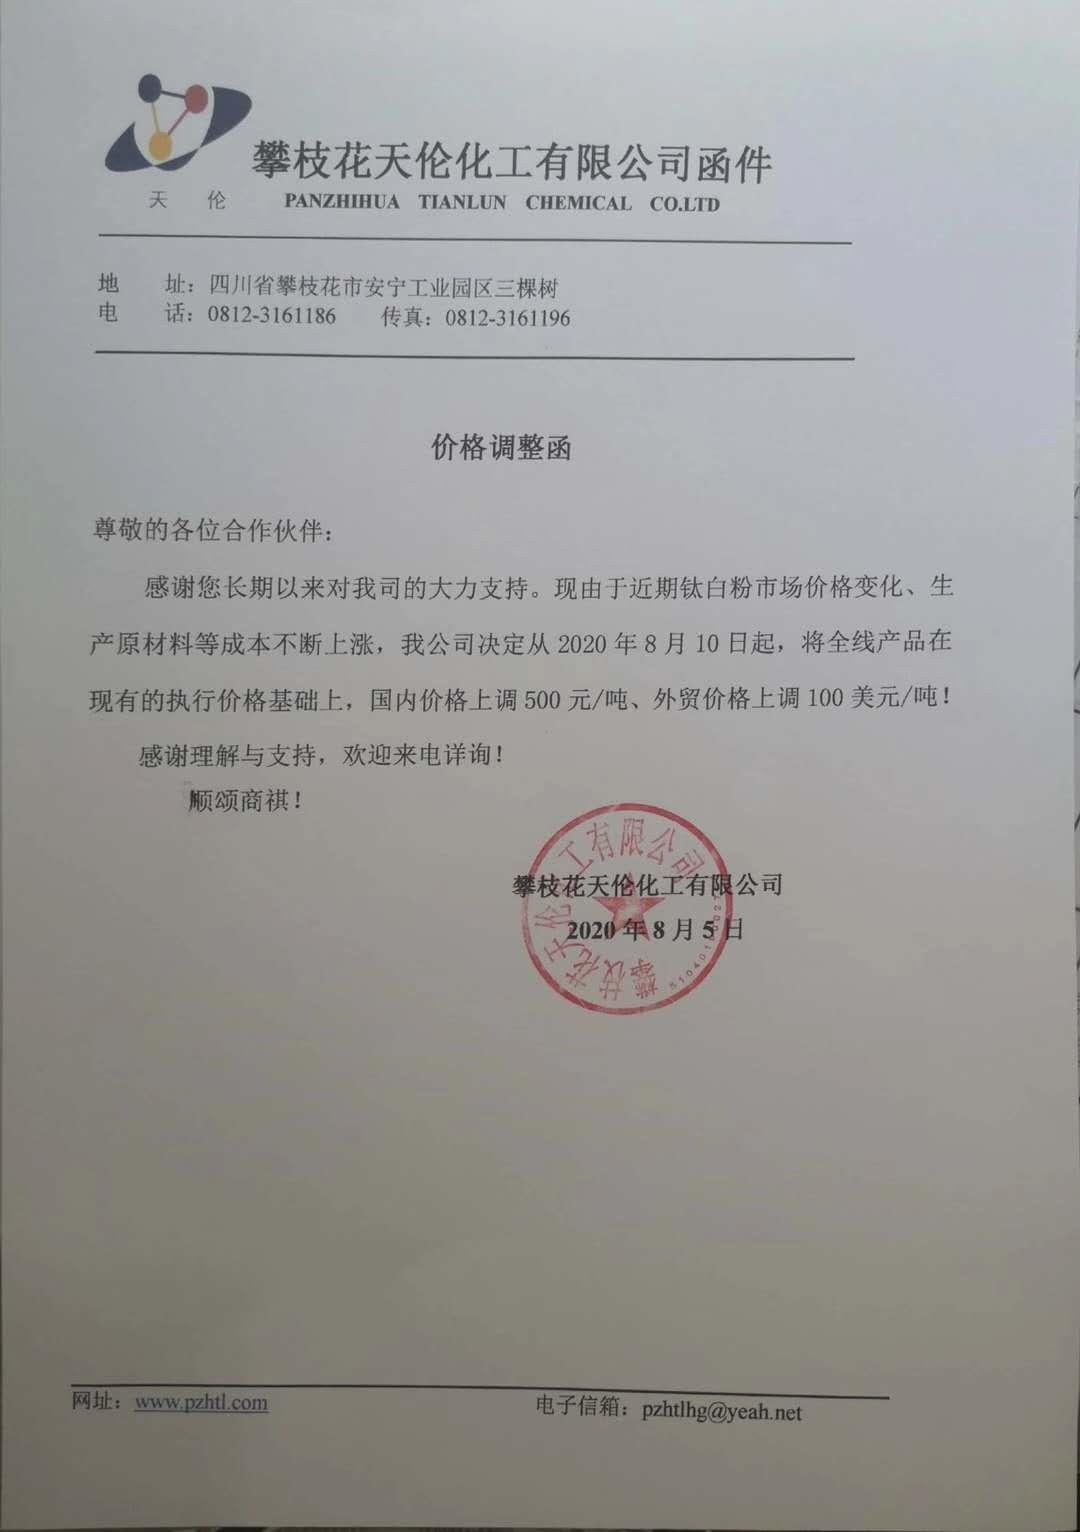 生意社:攀枝花天伦化工钛白粉价格上调